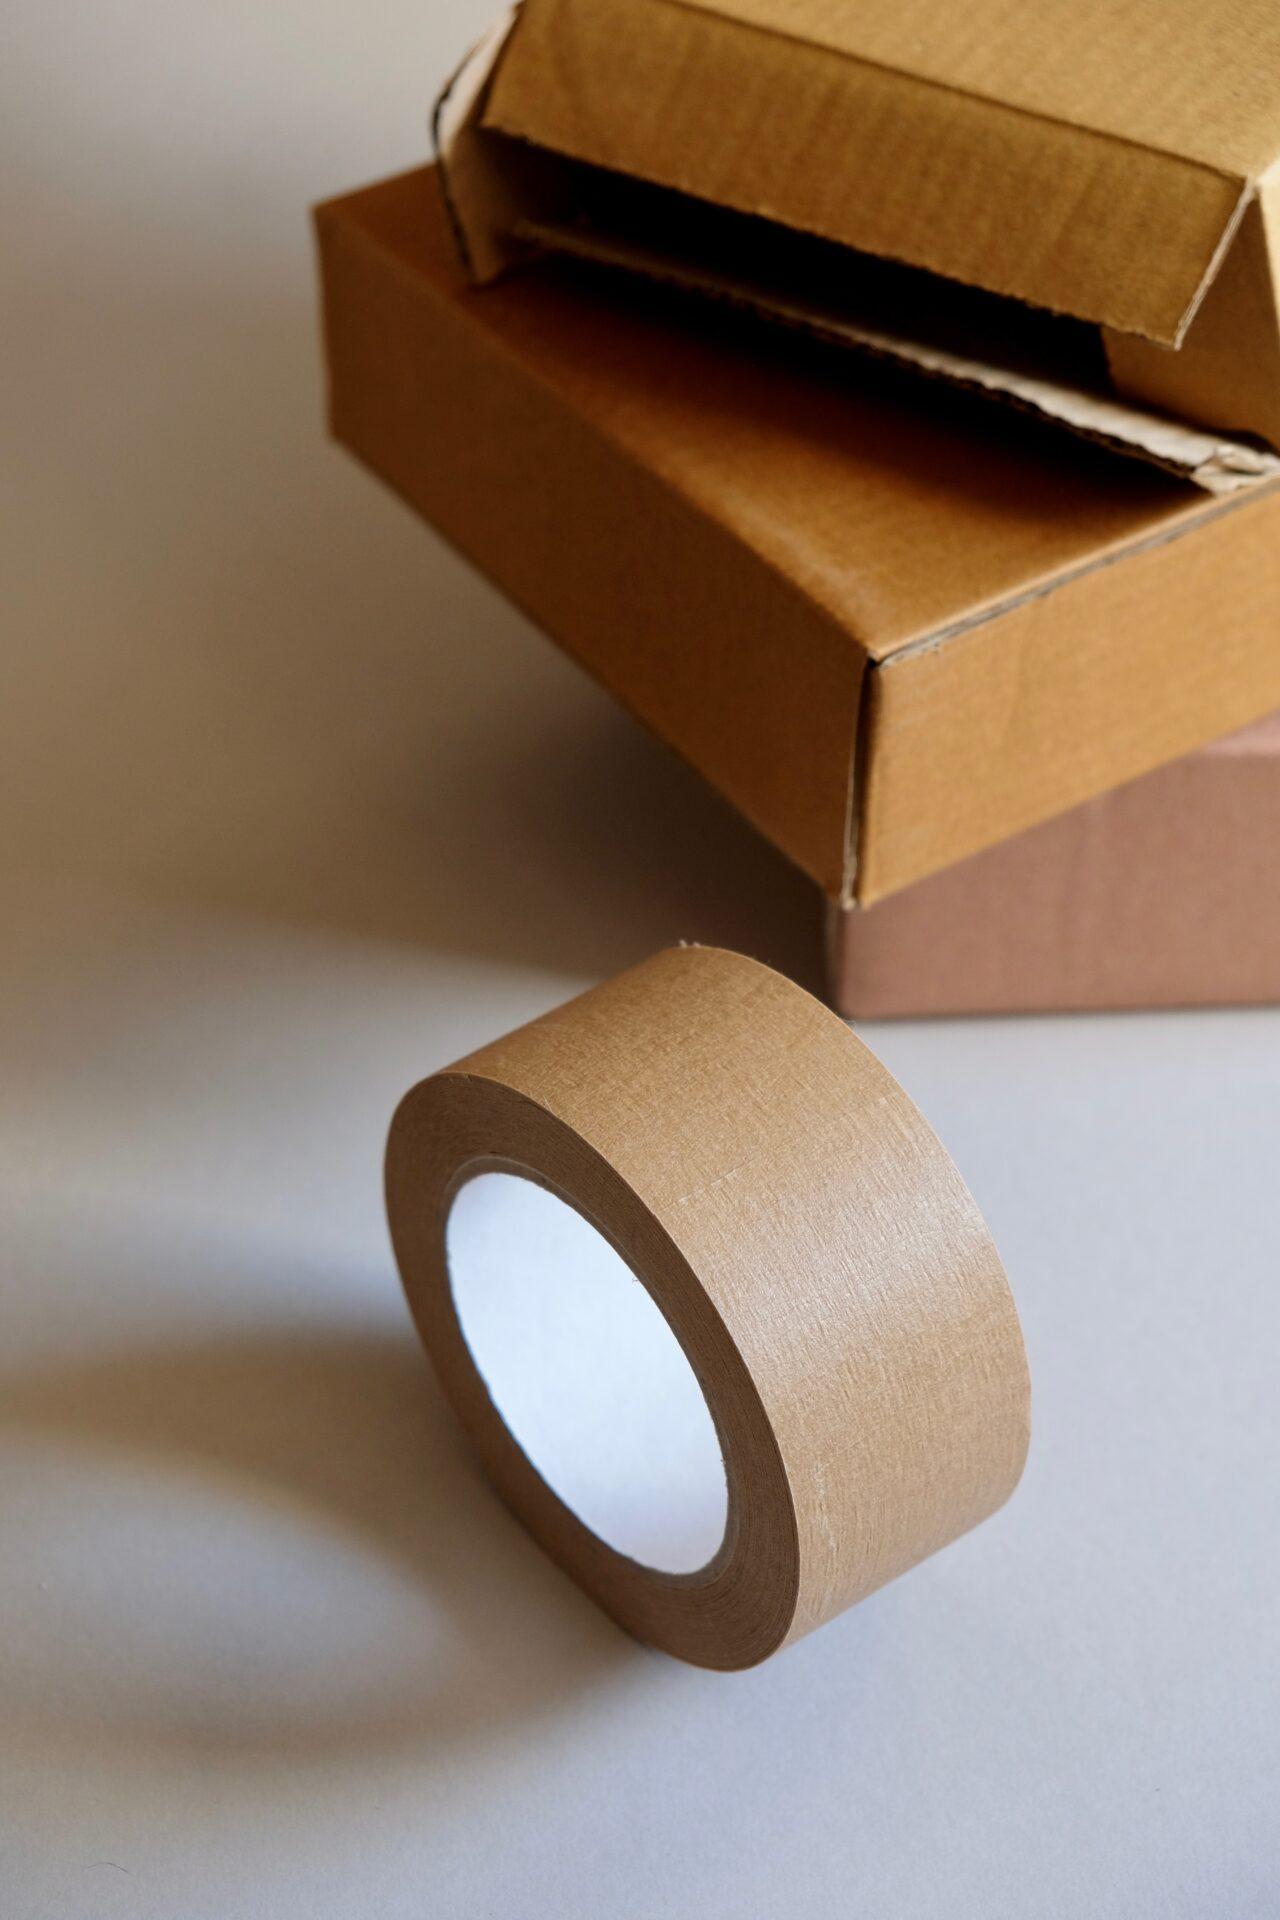 宅急便コンパクトの専用の箱を手に入れる方法とは?